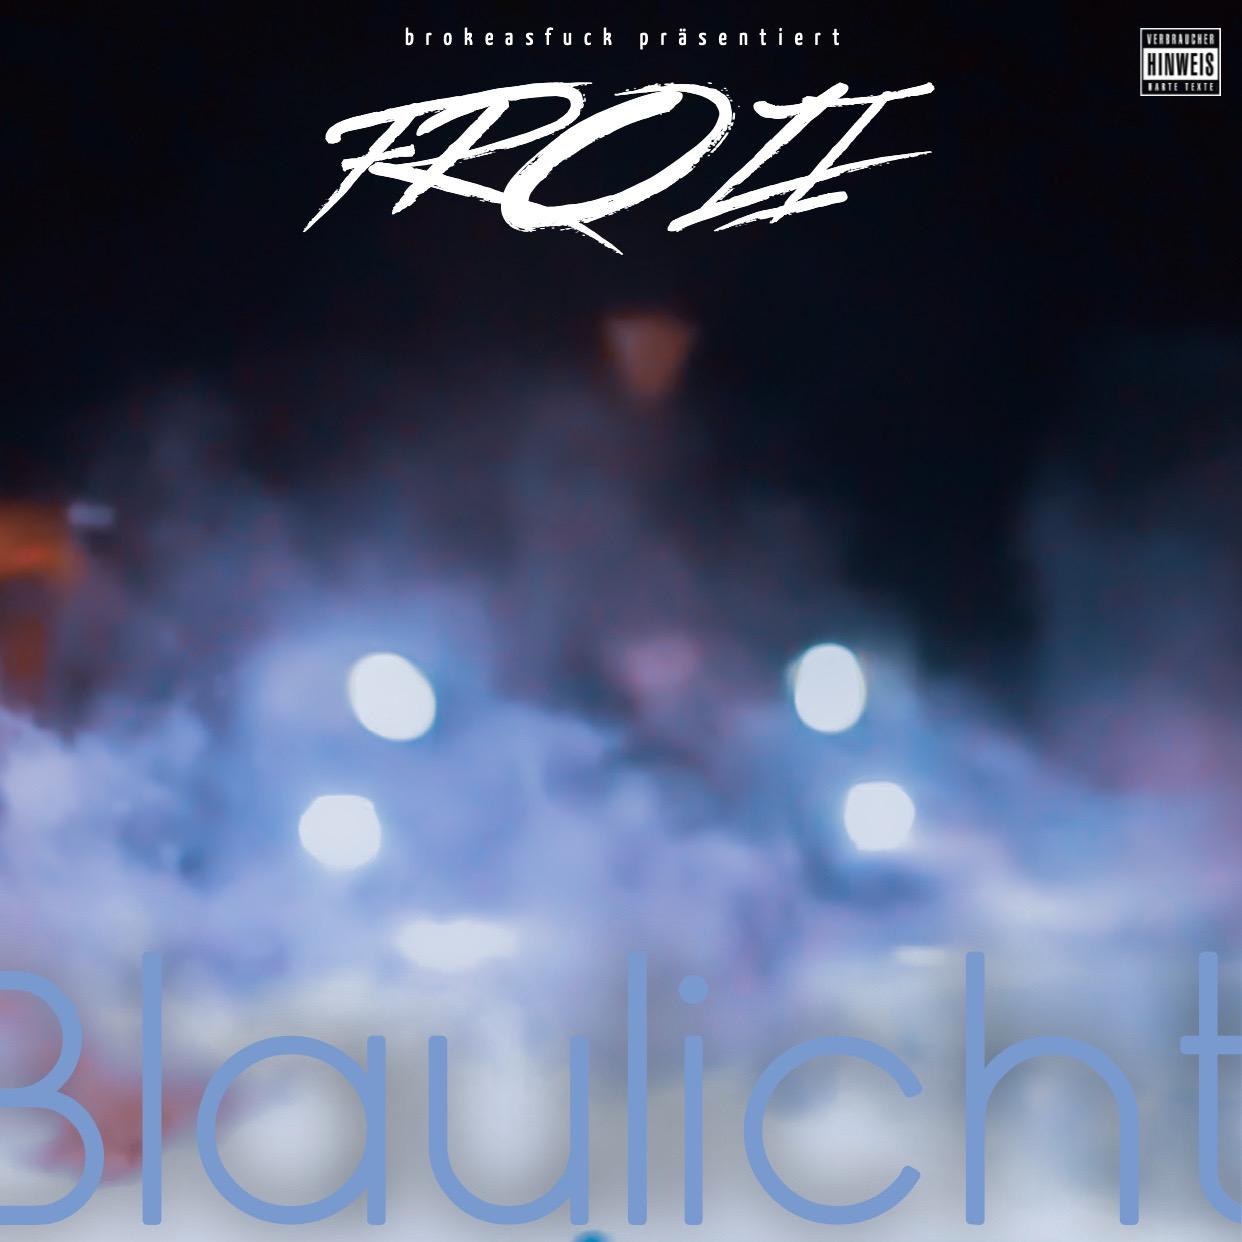 Upcoming: Frozi - Blaulicht